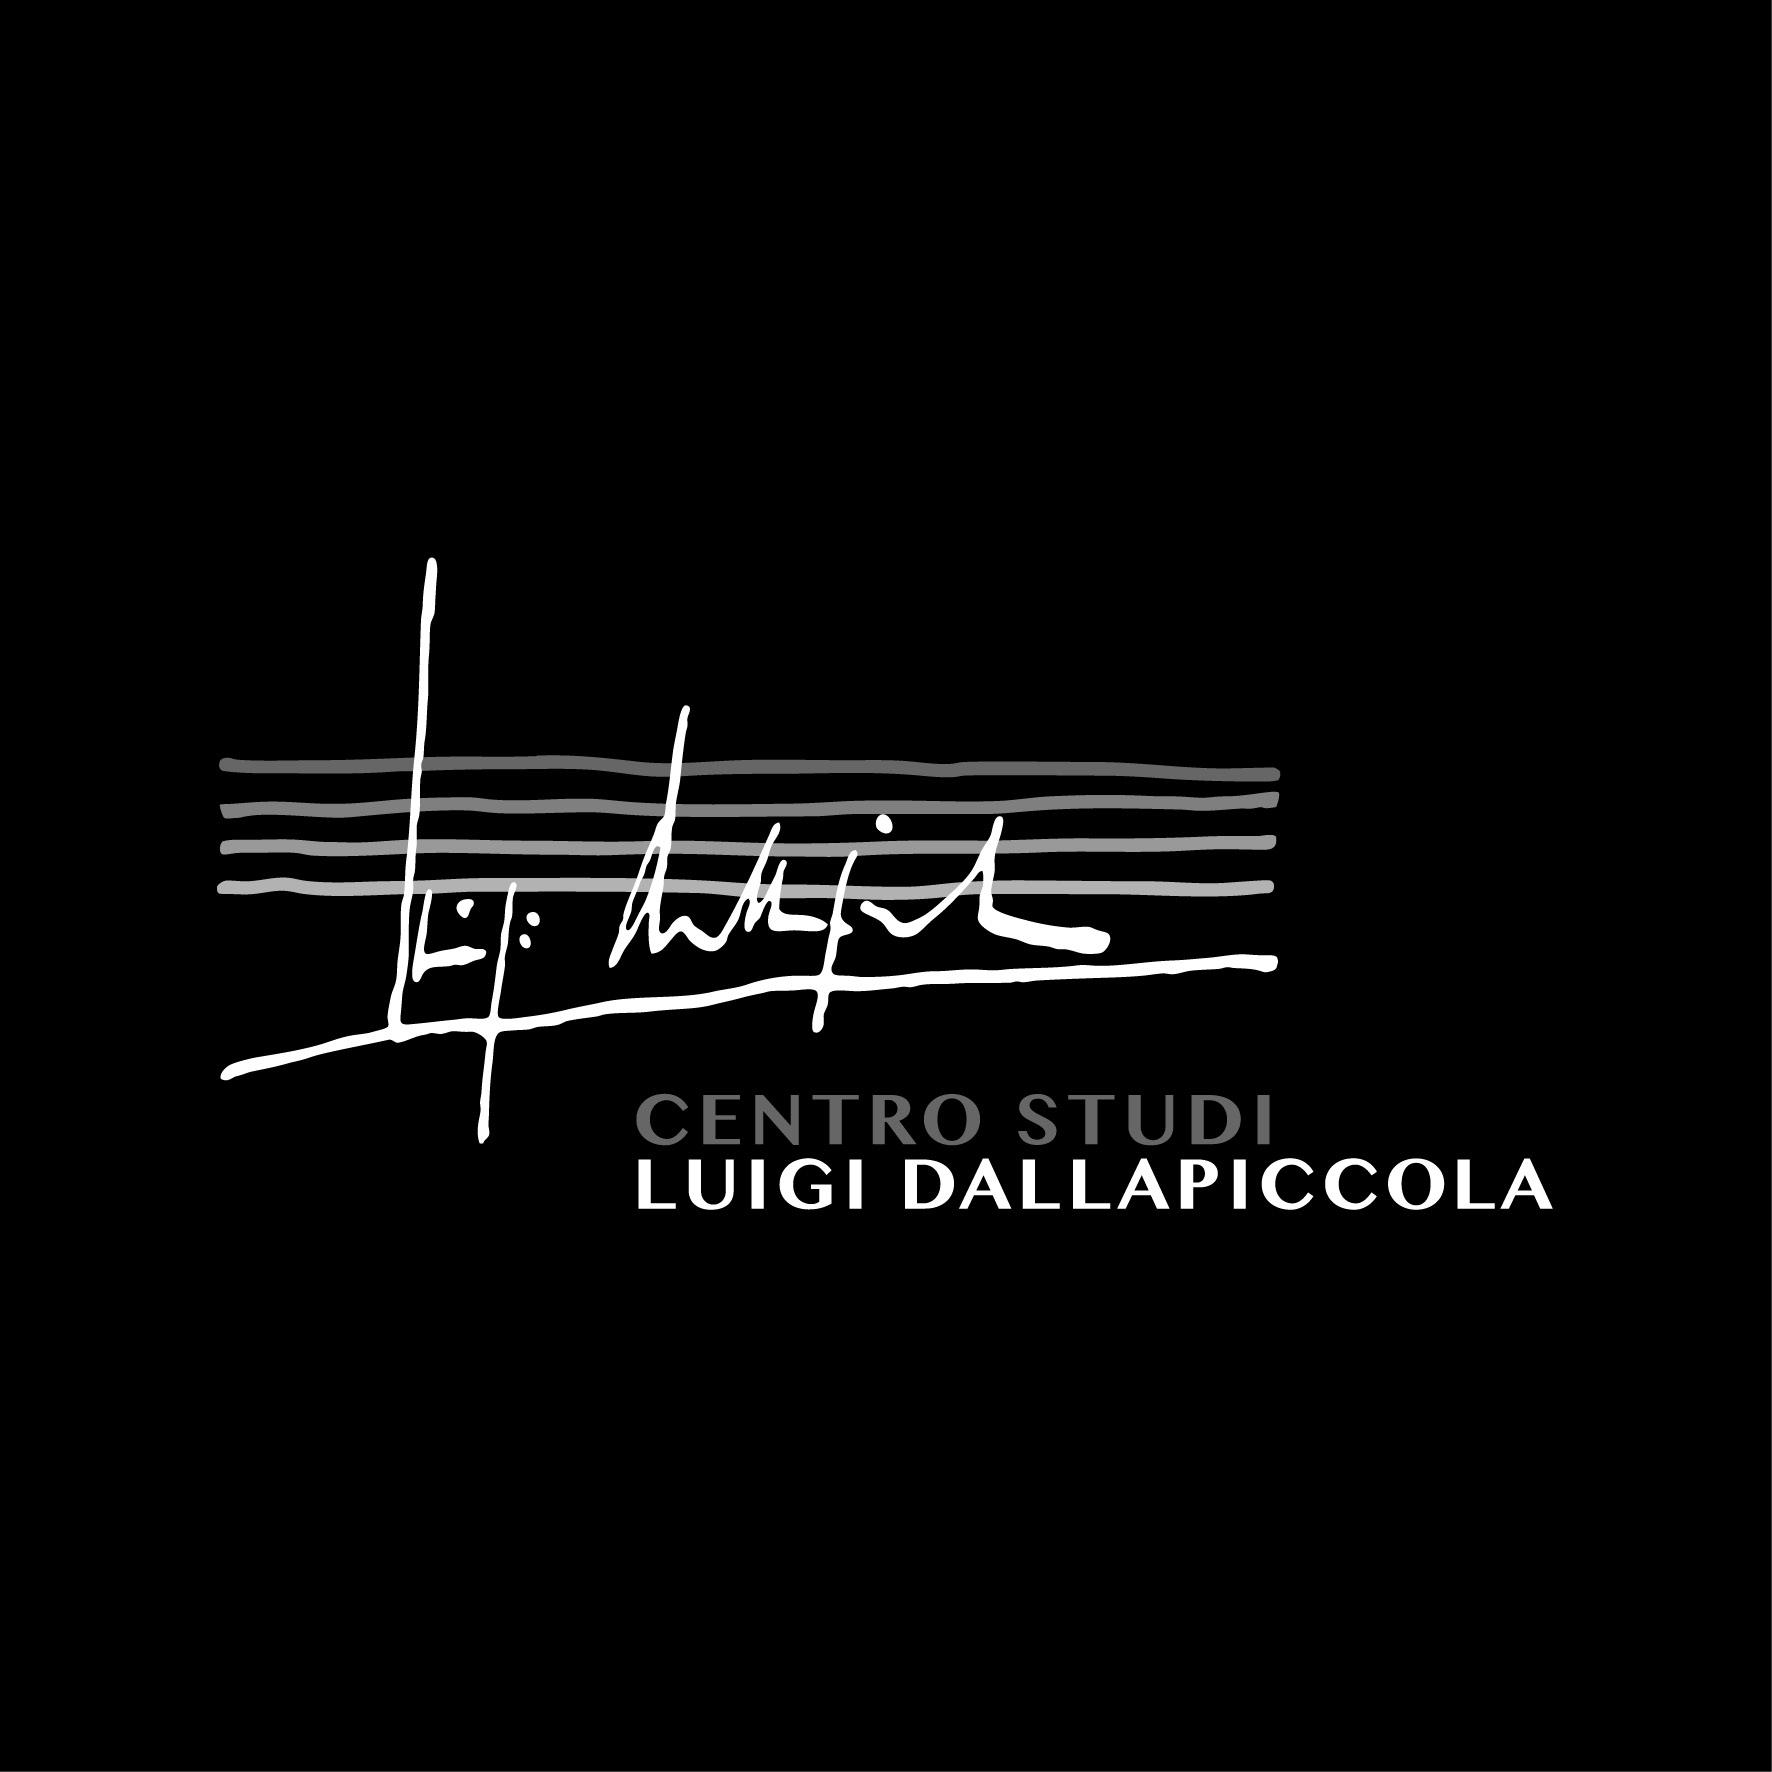 Centro Studi Luigi Dallapiccola